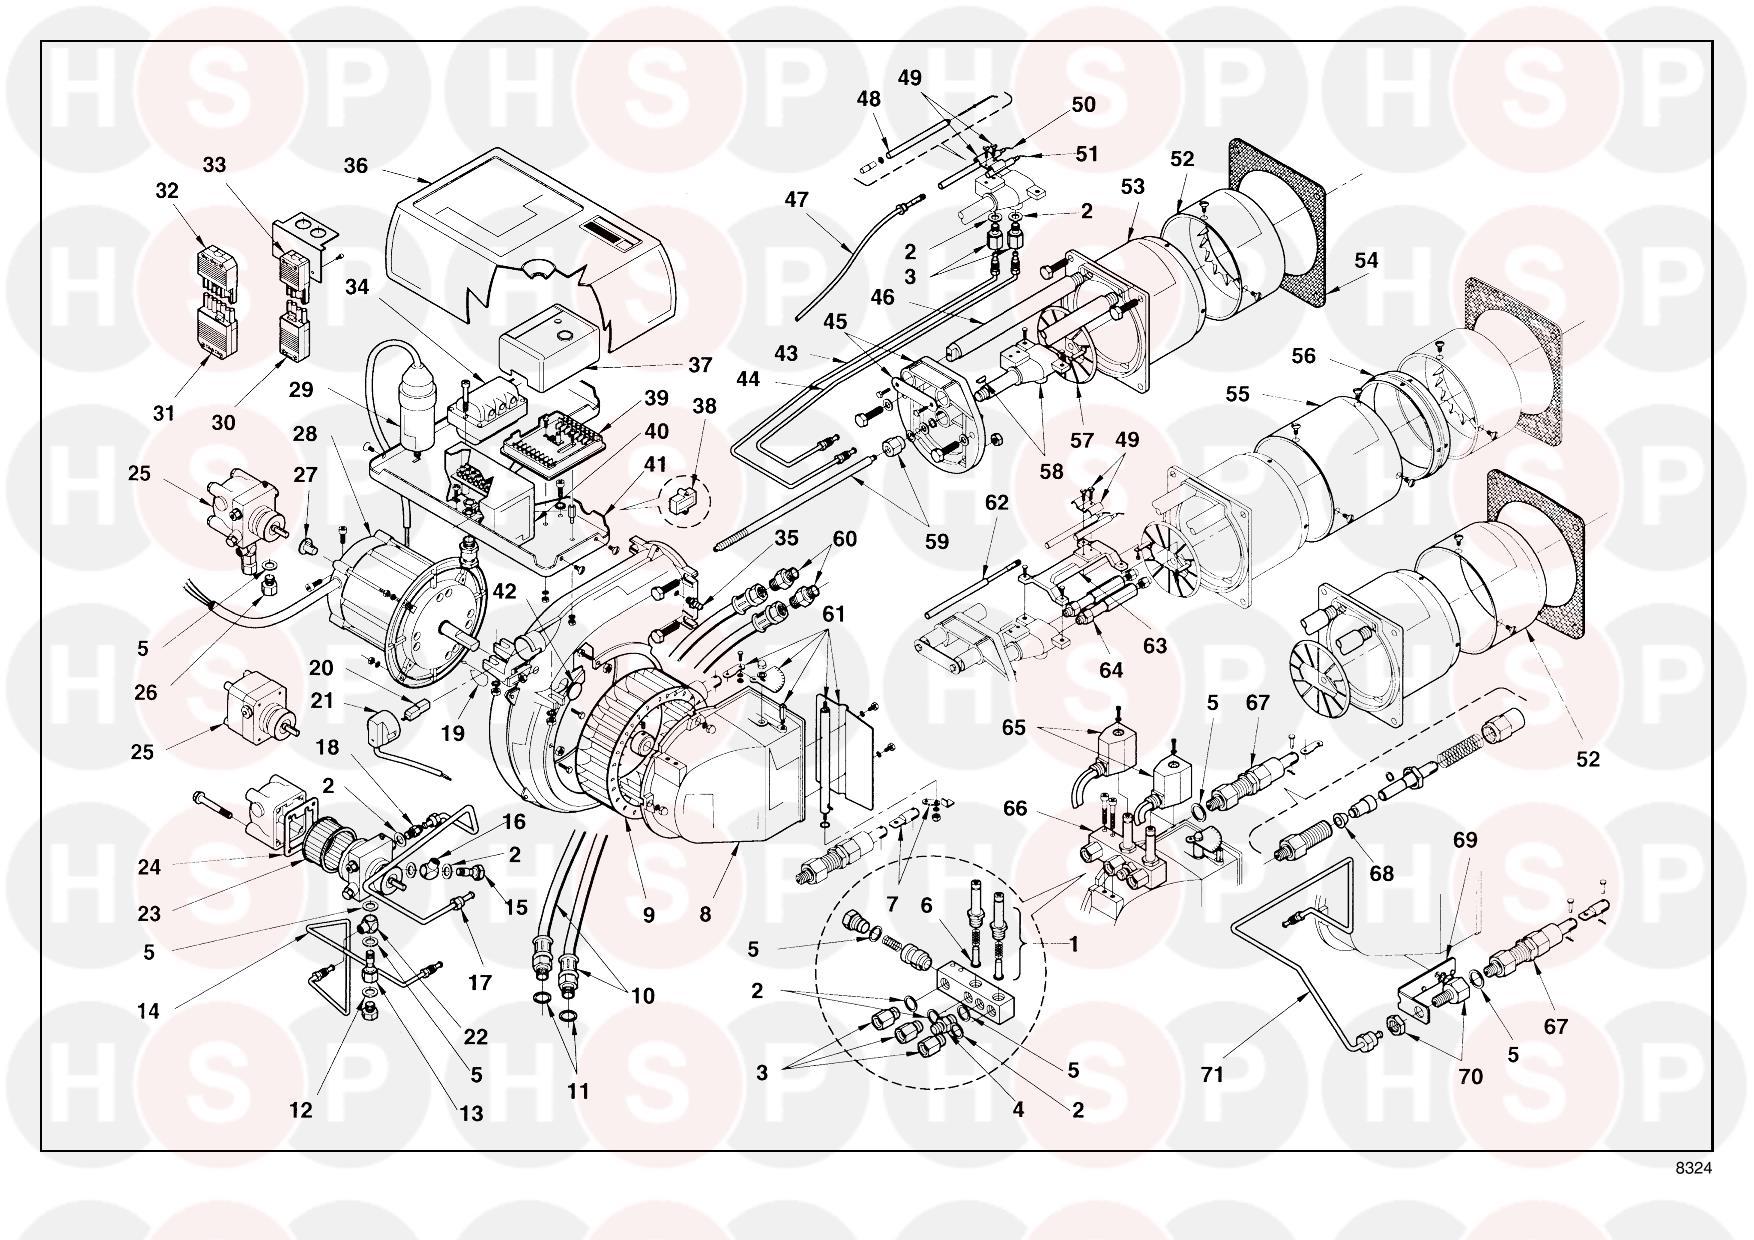 Riello PRESS GW 3473784 (TYPE 605 T80) (BURNER DIAGRAM